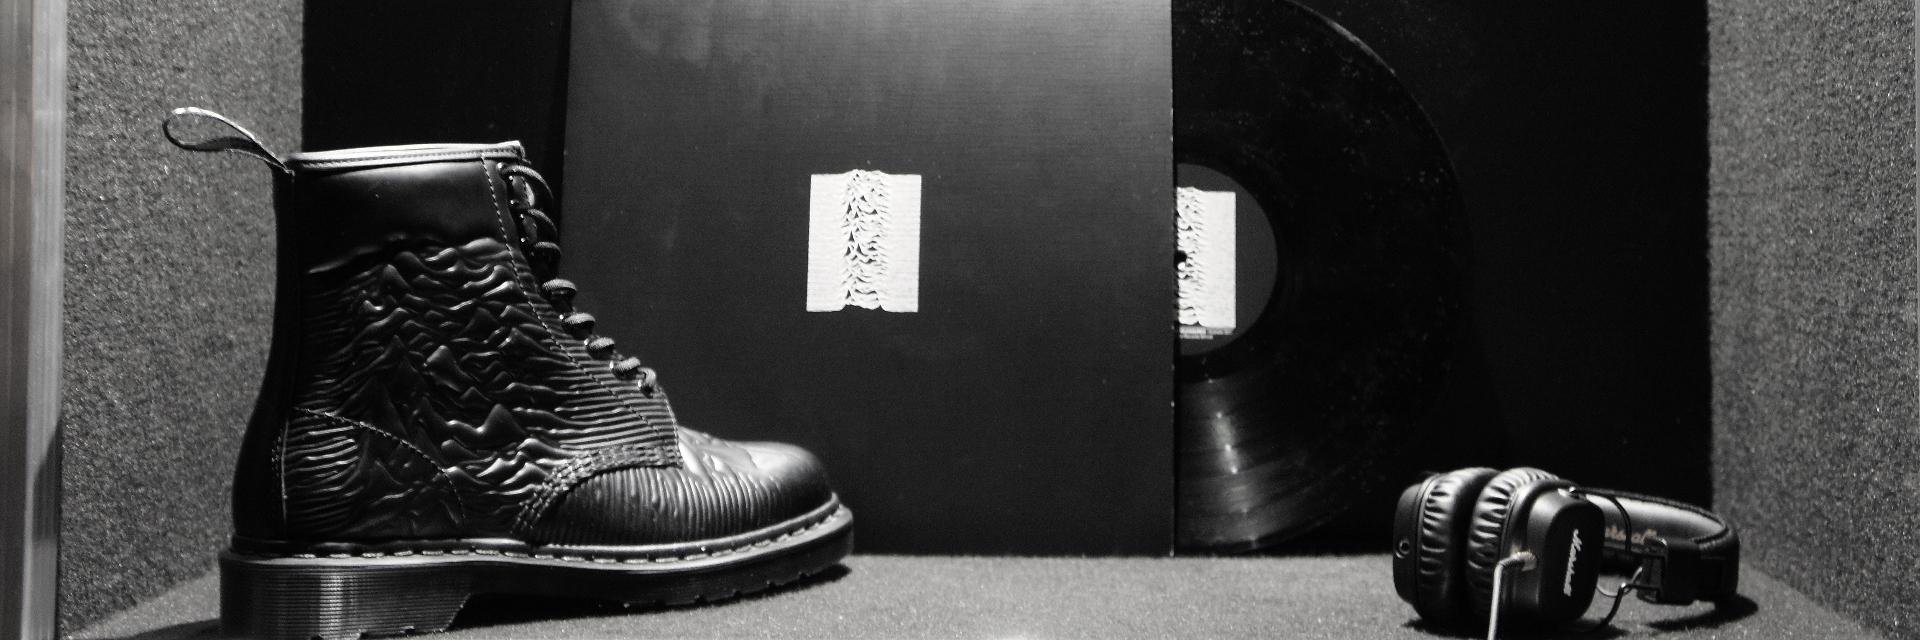 #每雙都不想錯過! Dr.Martens 秋冬新款「重口味」亮相!致敬傳奇樂團、閃亮 Glitter、Tattoo 靴款、立體皮革花... 馬汀迷:「這每雙都太欠收藏了...」